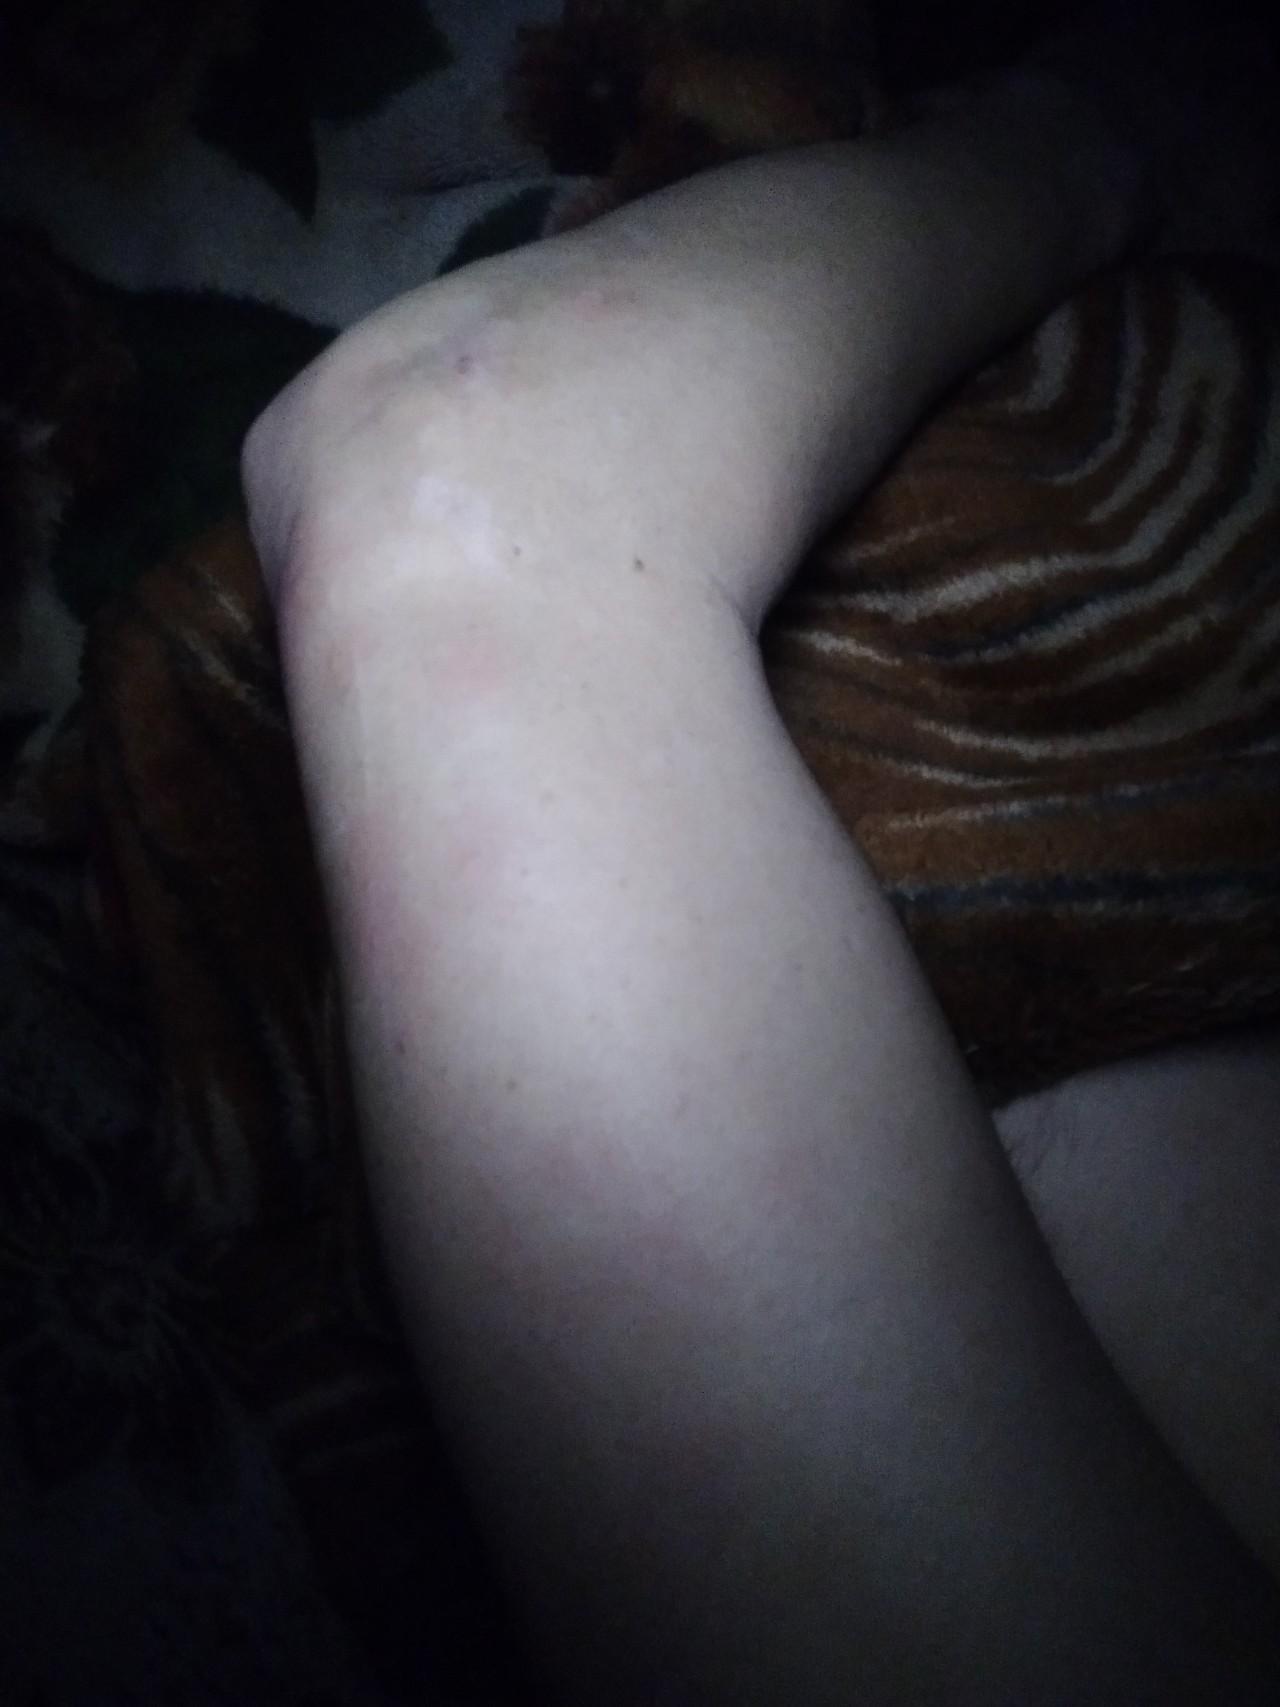 Коричневое пятно после секса такое